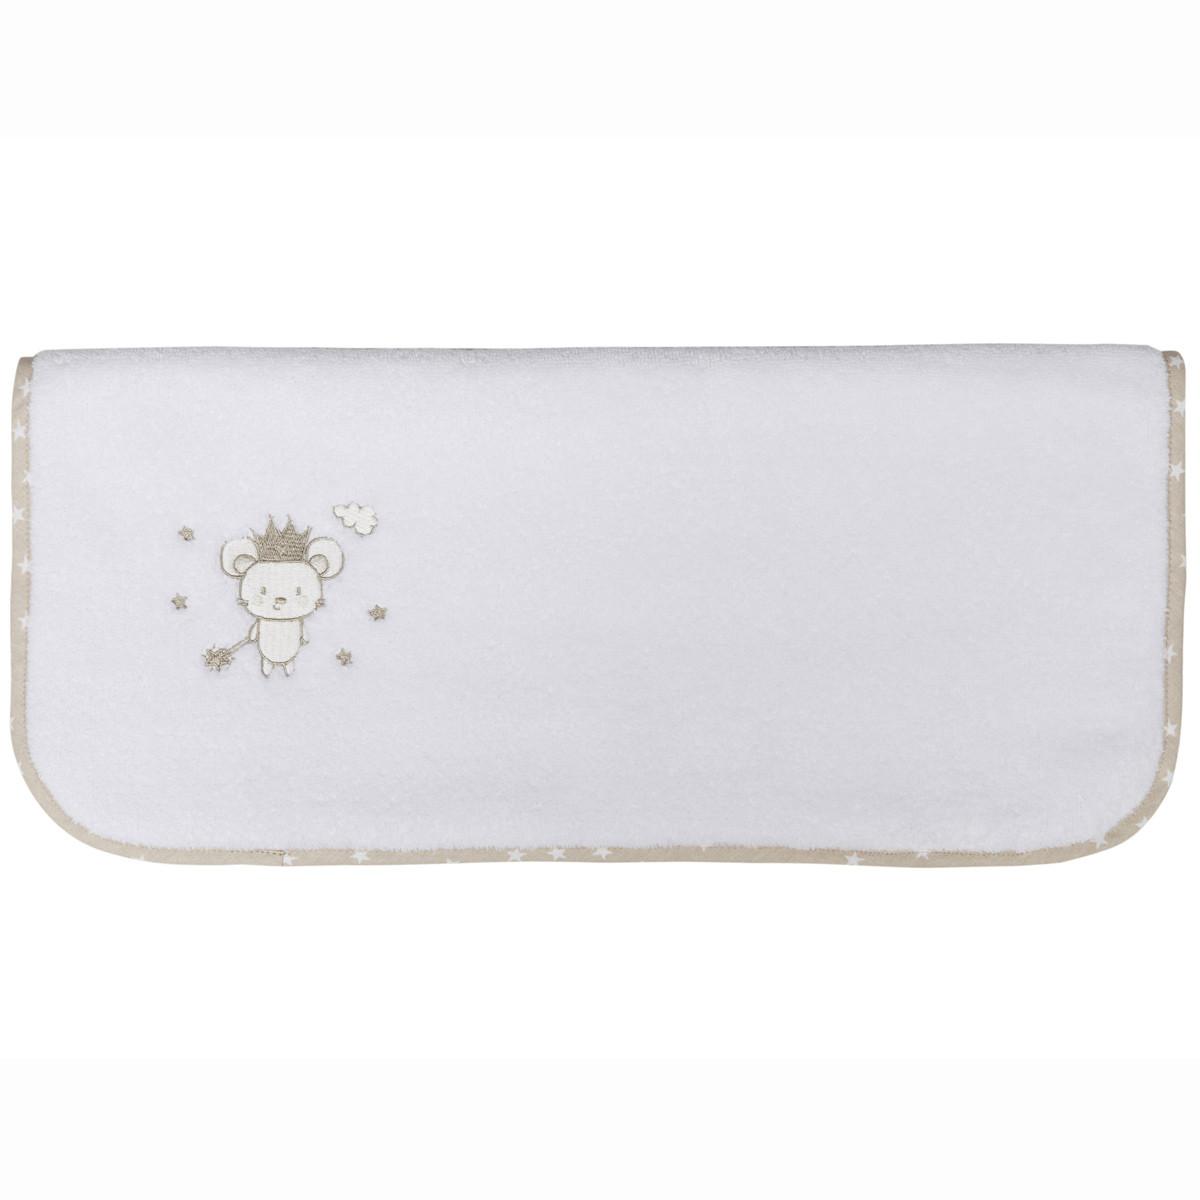 Serviette de toilette en coton peig Blanc 50x90 cm